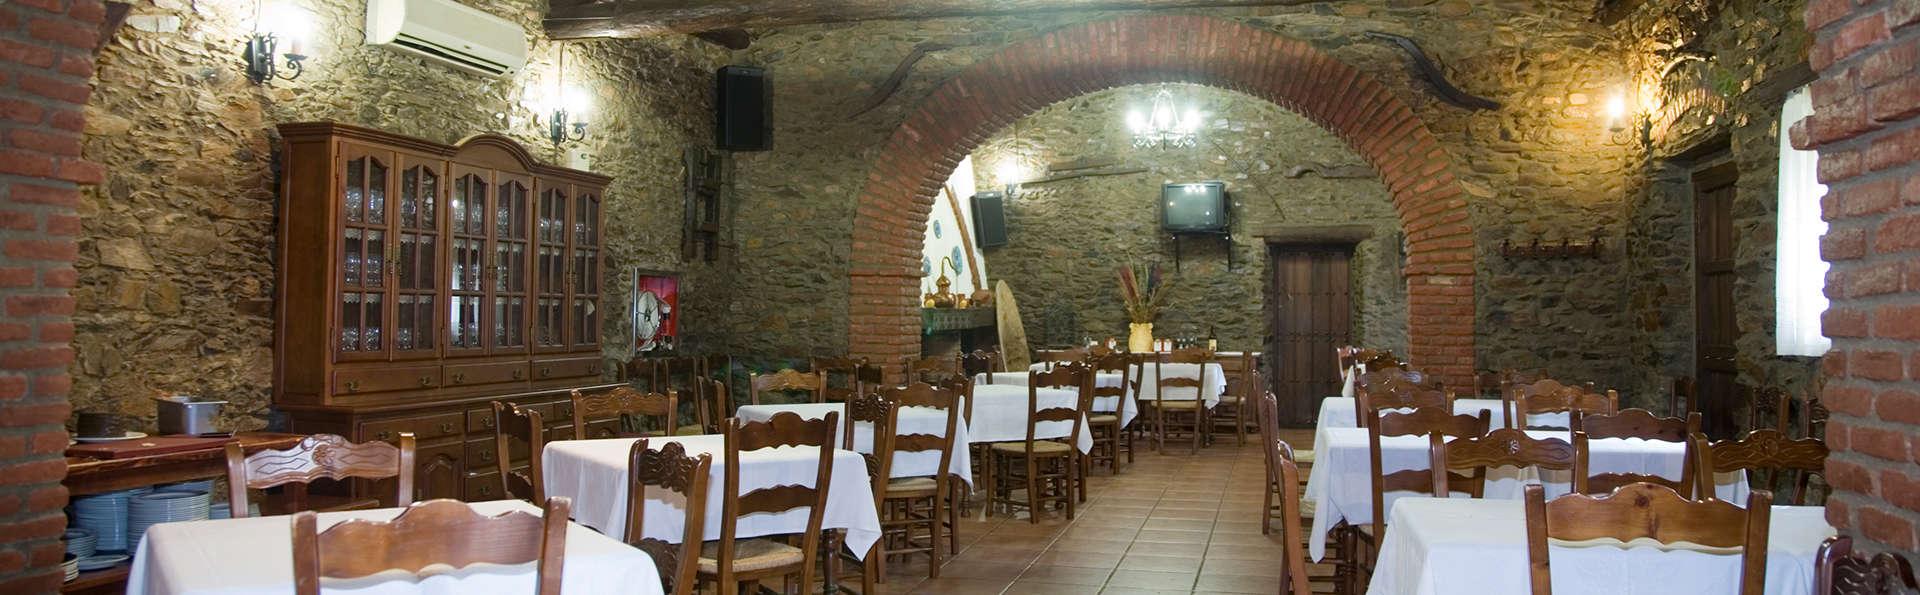 Encanto y gastronomía cerca de Trujillo con cena, tapas y vino